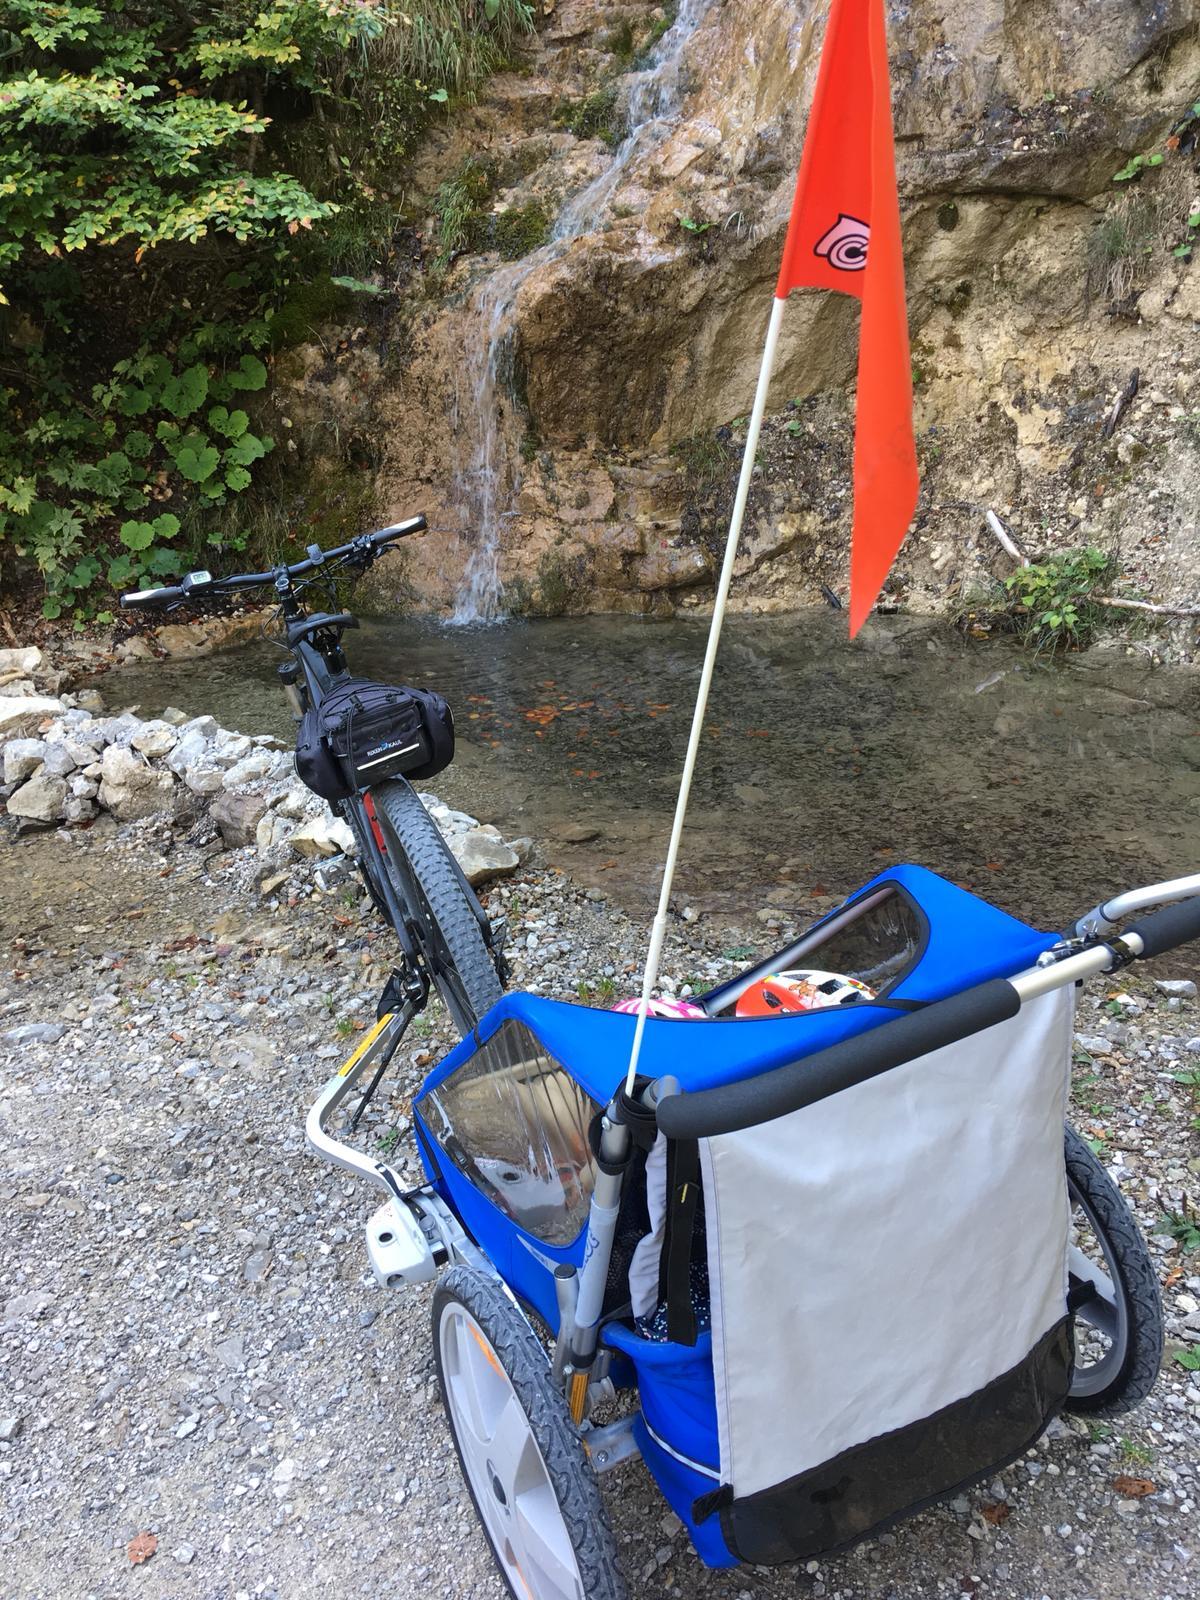 Kids on tour: Im Fahrradanhänger durch das wilde Naturjuwel Vomperloch